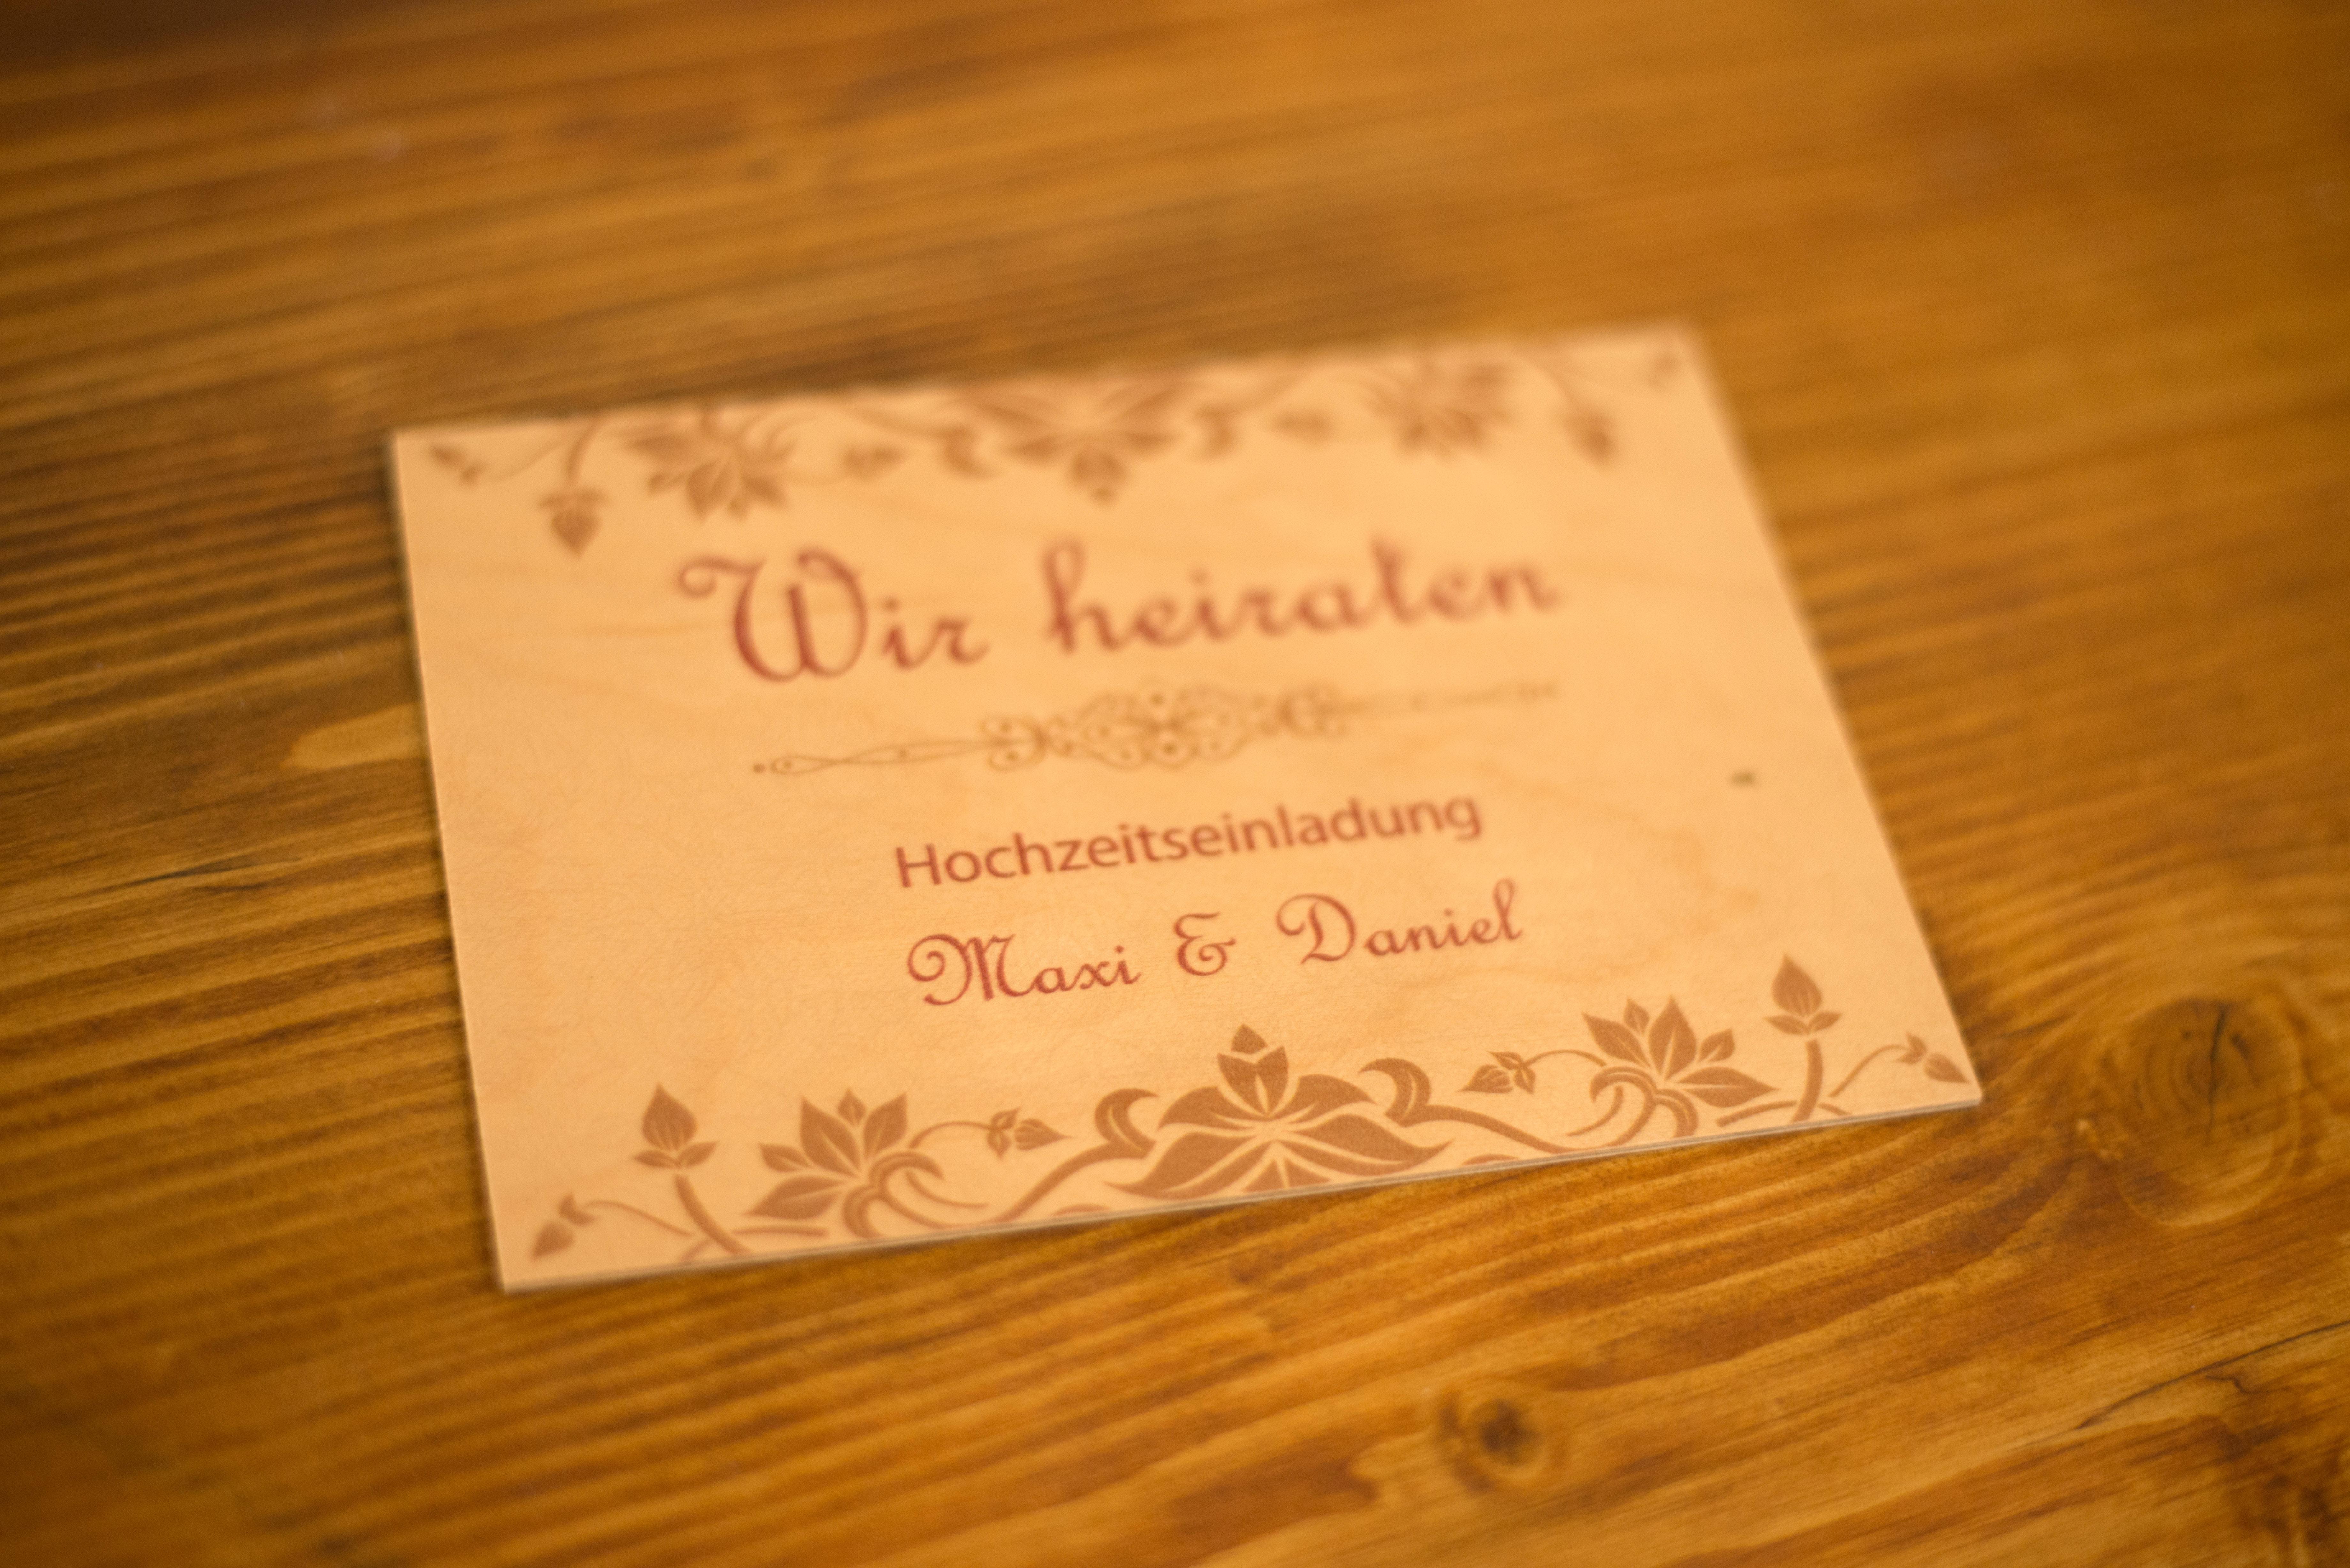 Druck auf Holz Schöne Hochzeitsideen auf Holz gedruckt